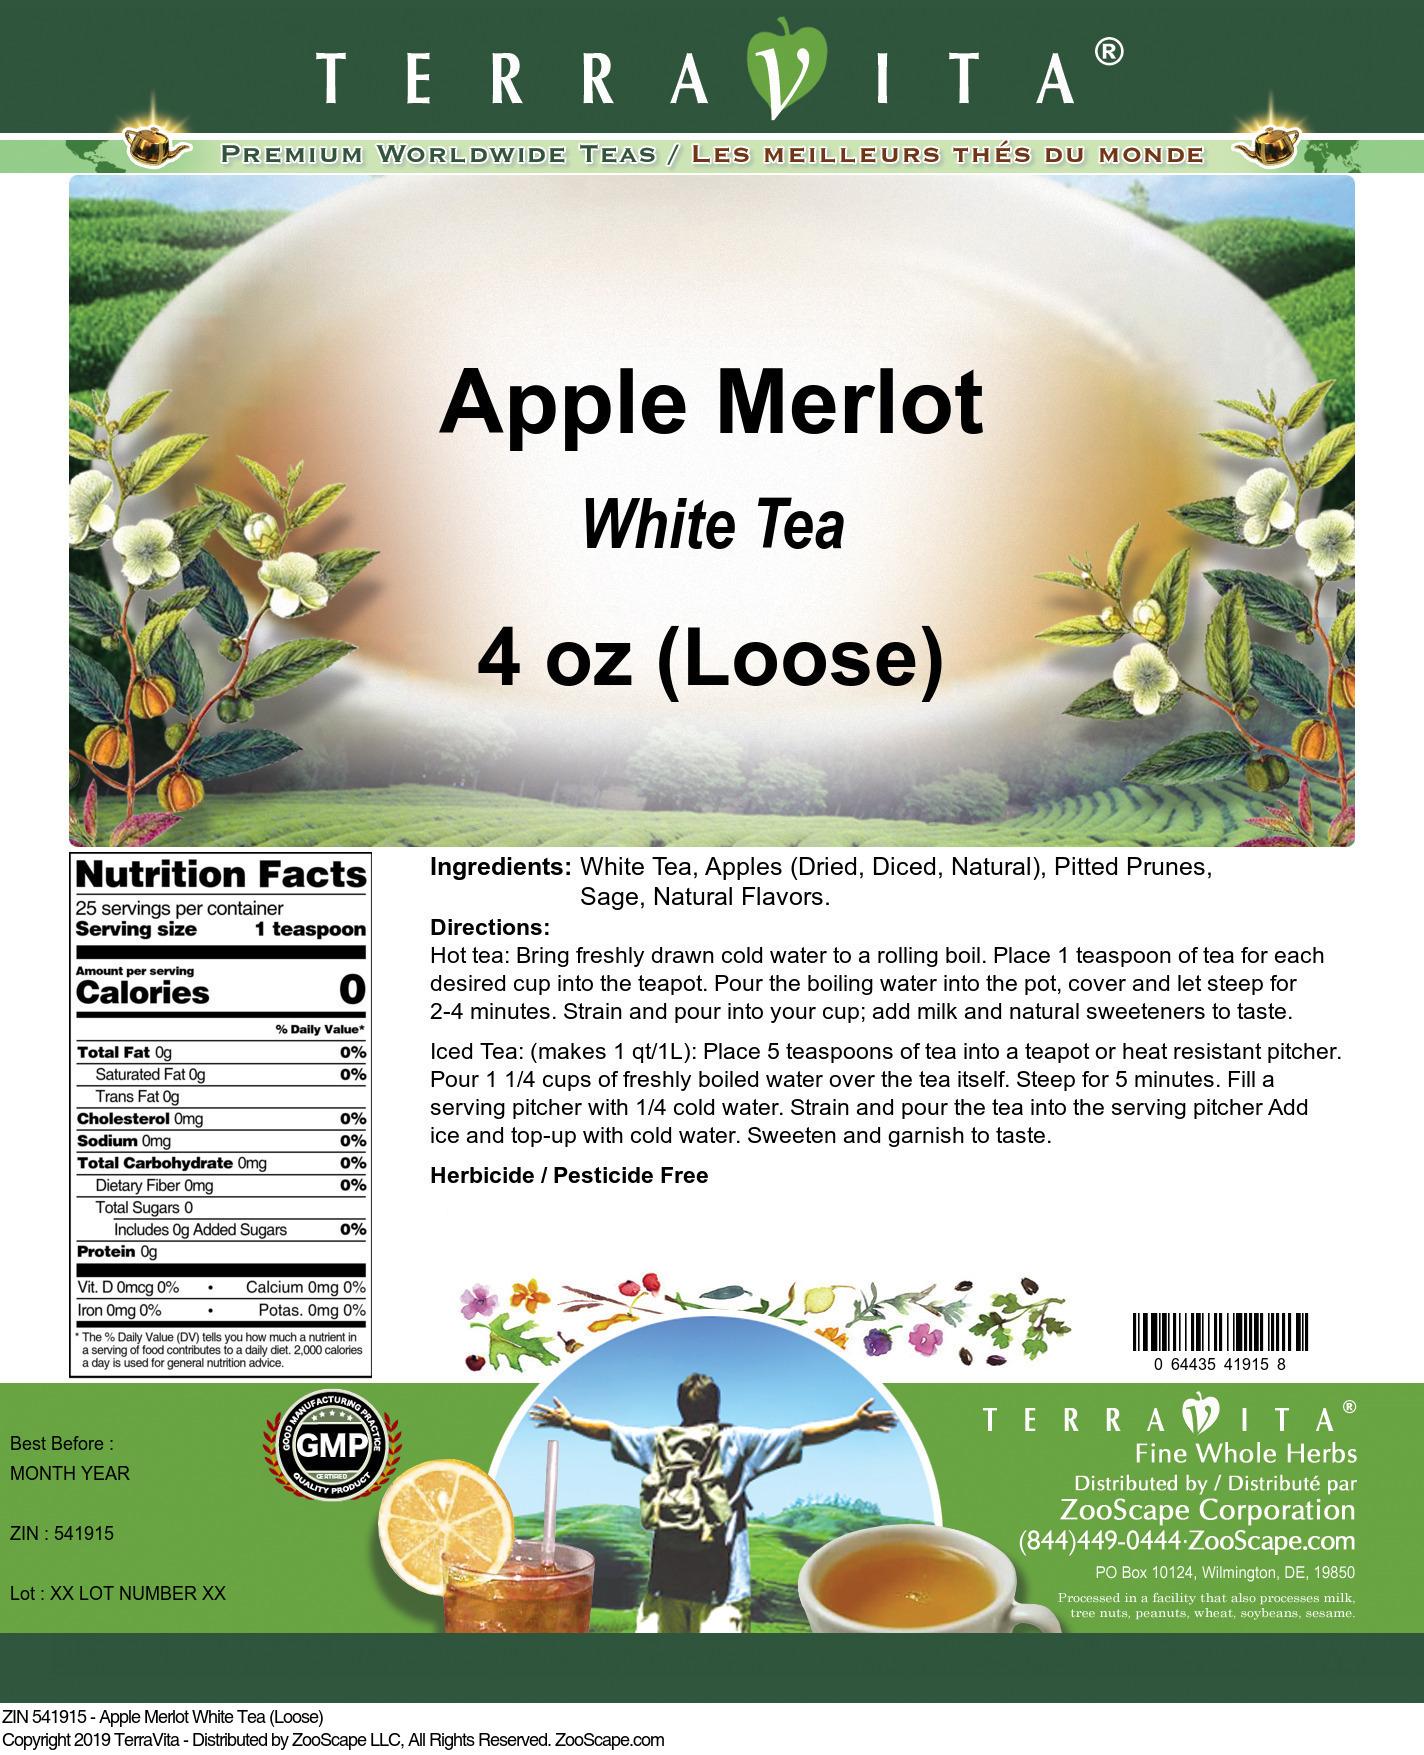 Apple Merlot White Tea (Loose)